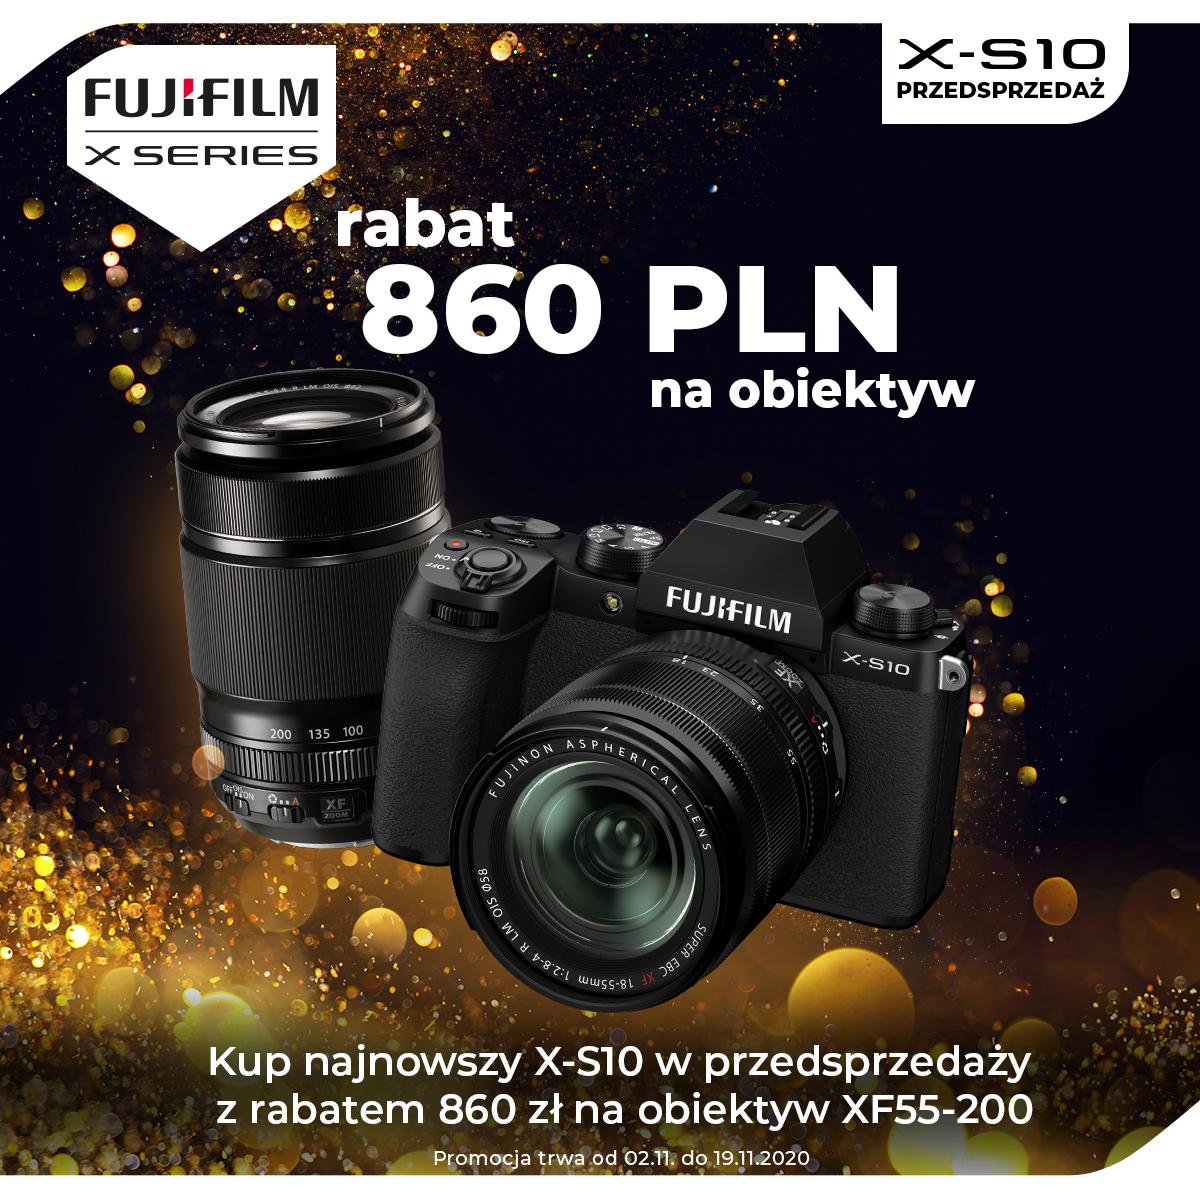 fujifilm x-s10, x-s10, 55-200mm